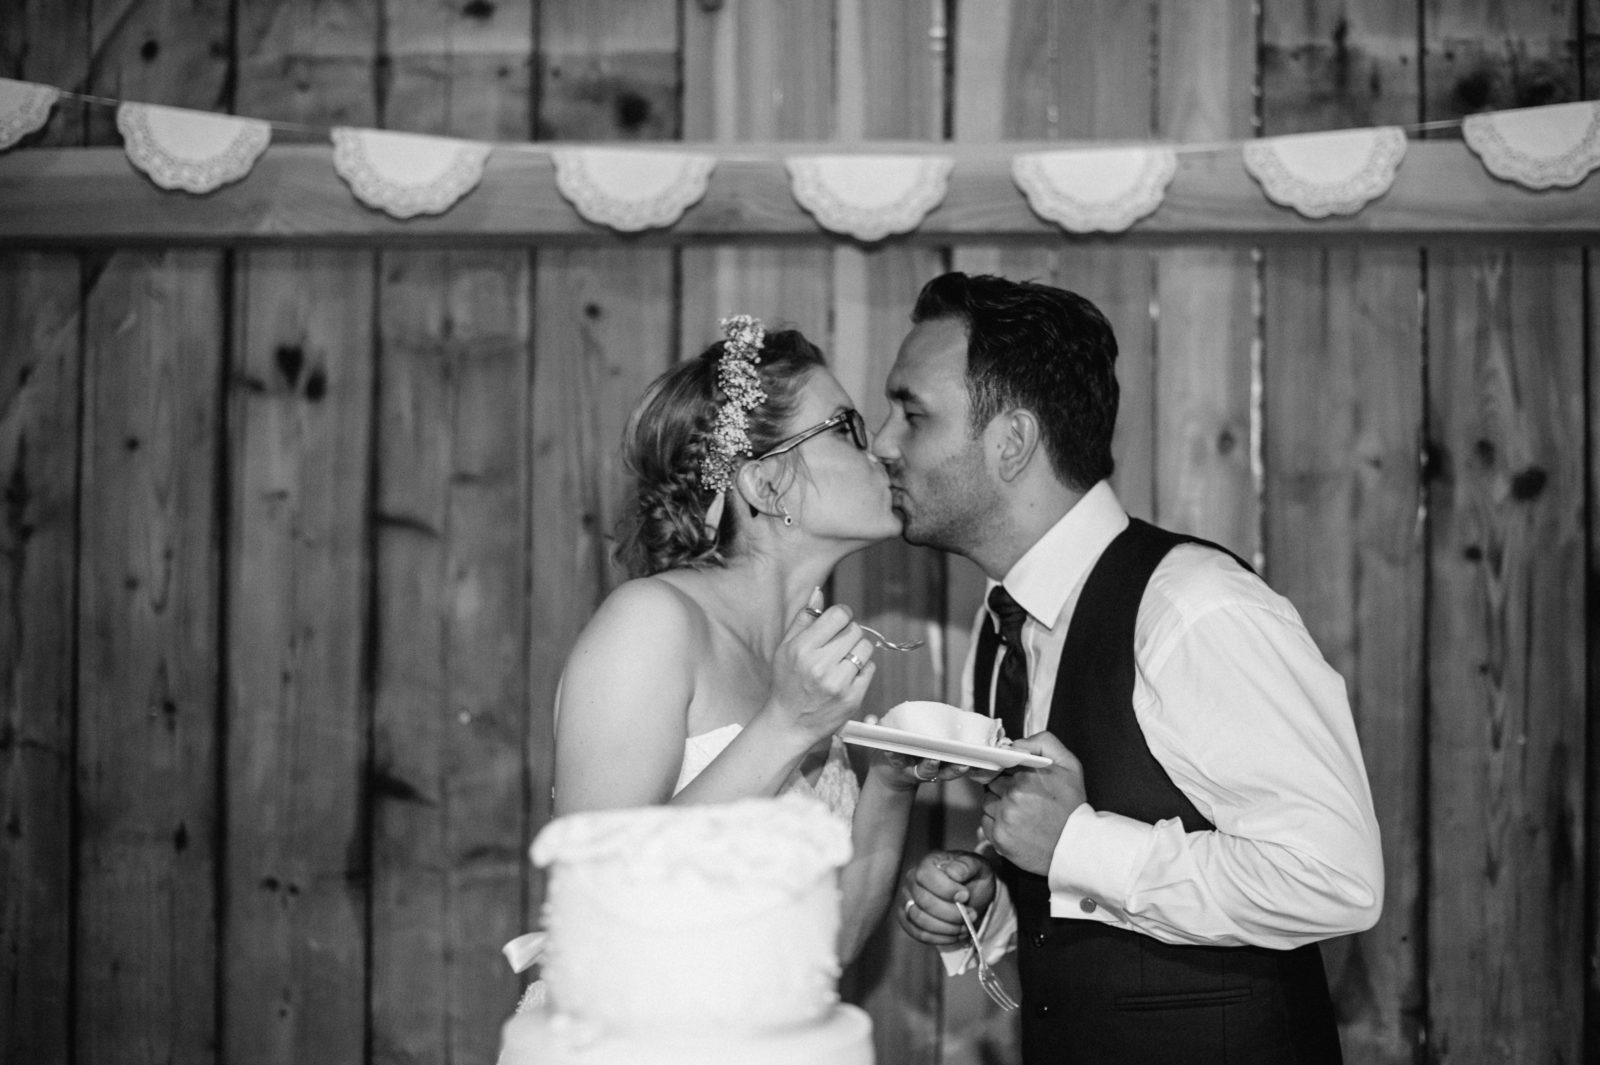 Hochzeitstorte & Kuss